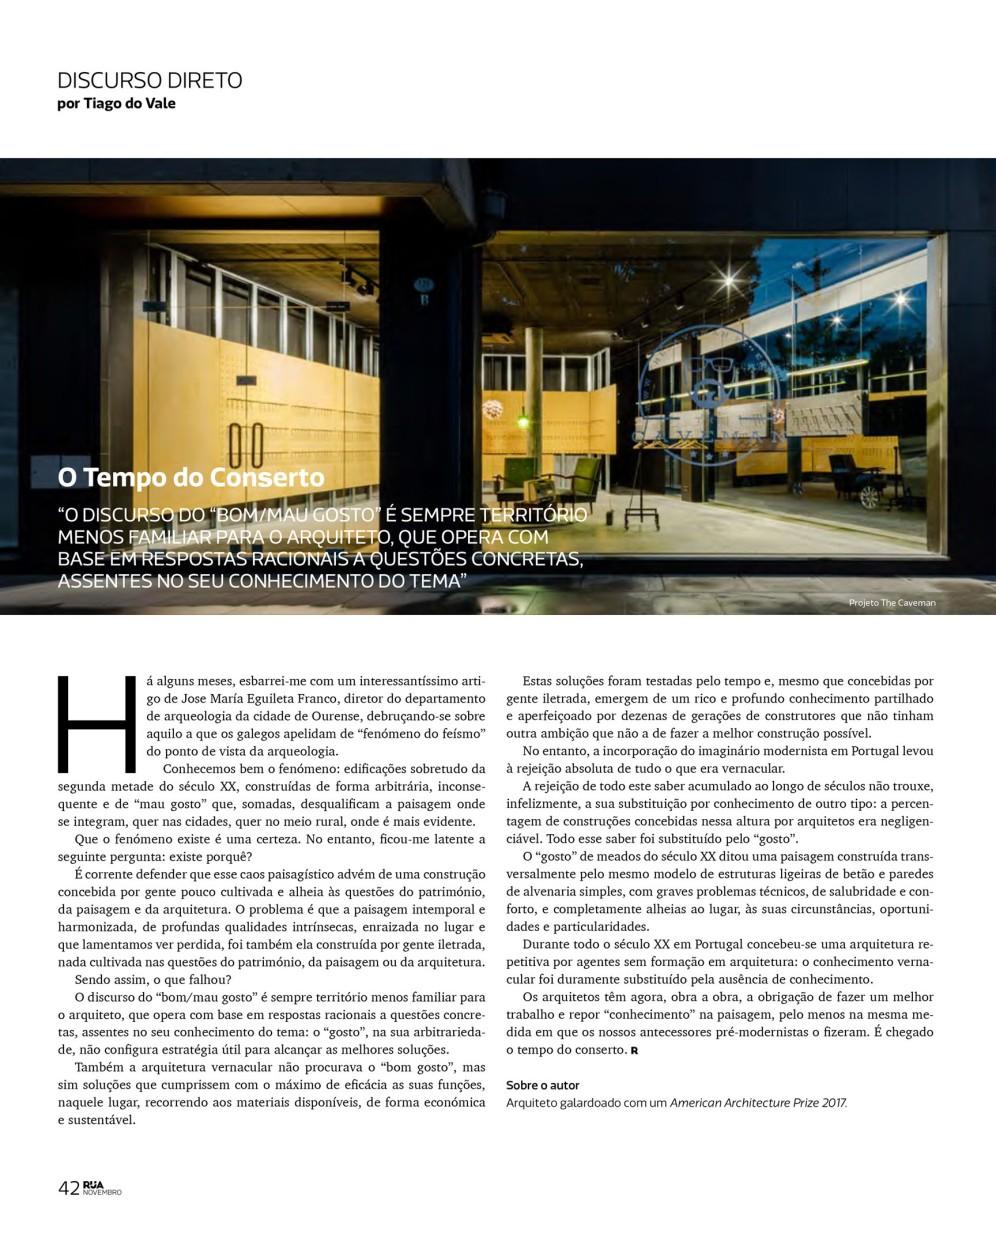 Revista Rua 21, 42